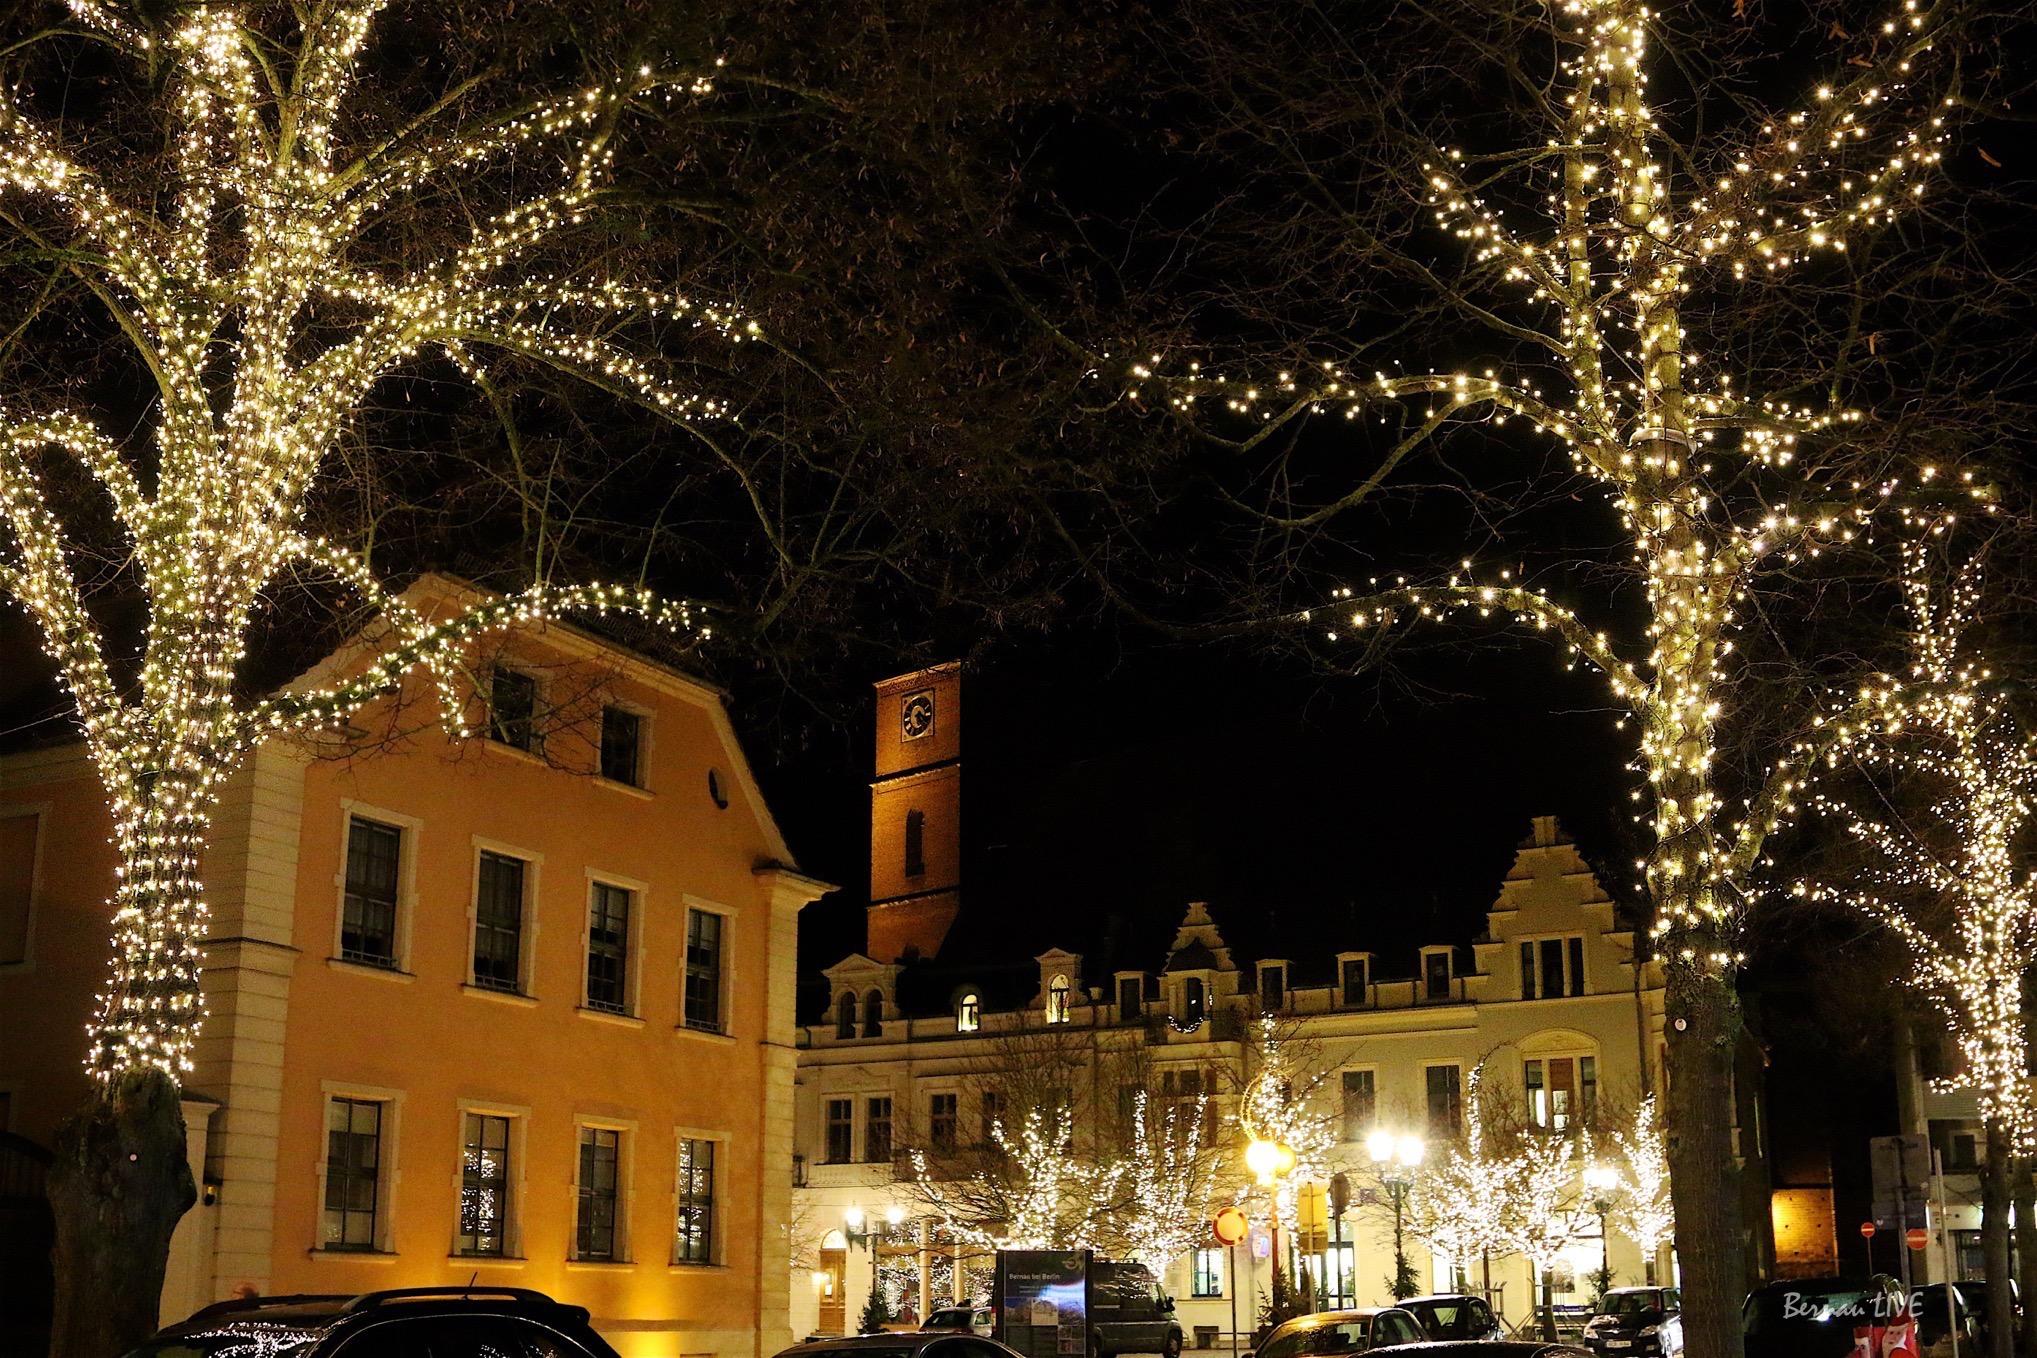 170.000 Lämpchen leuchten ab 1. Advent in der Innenstadt von Bernau